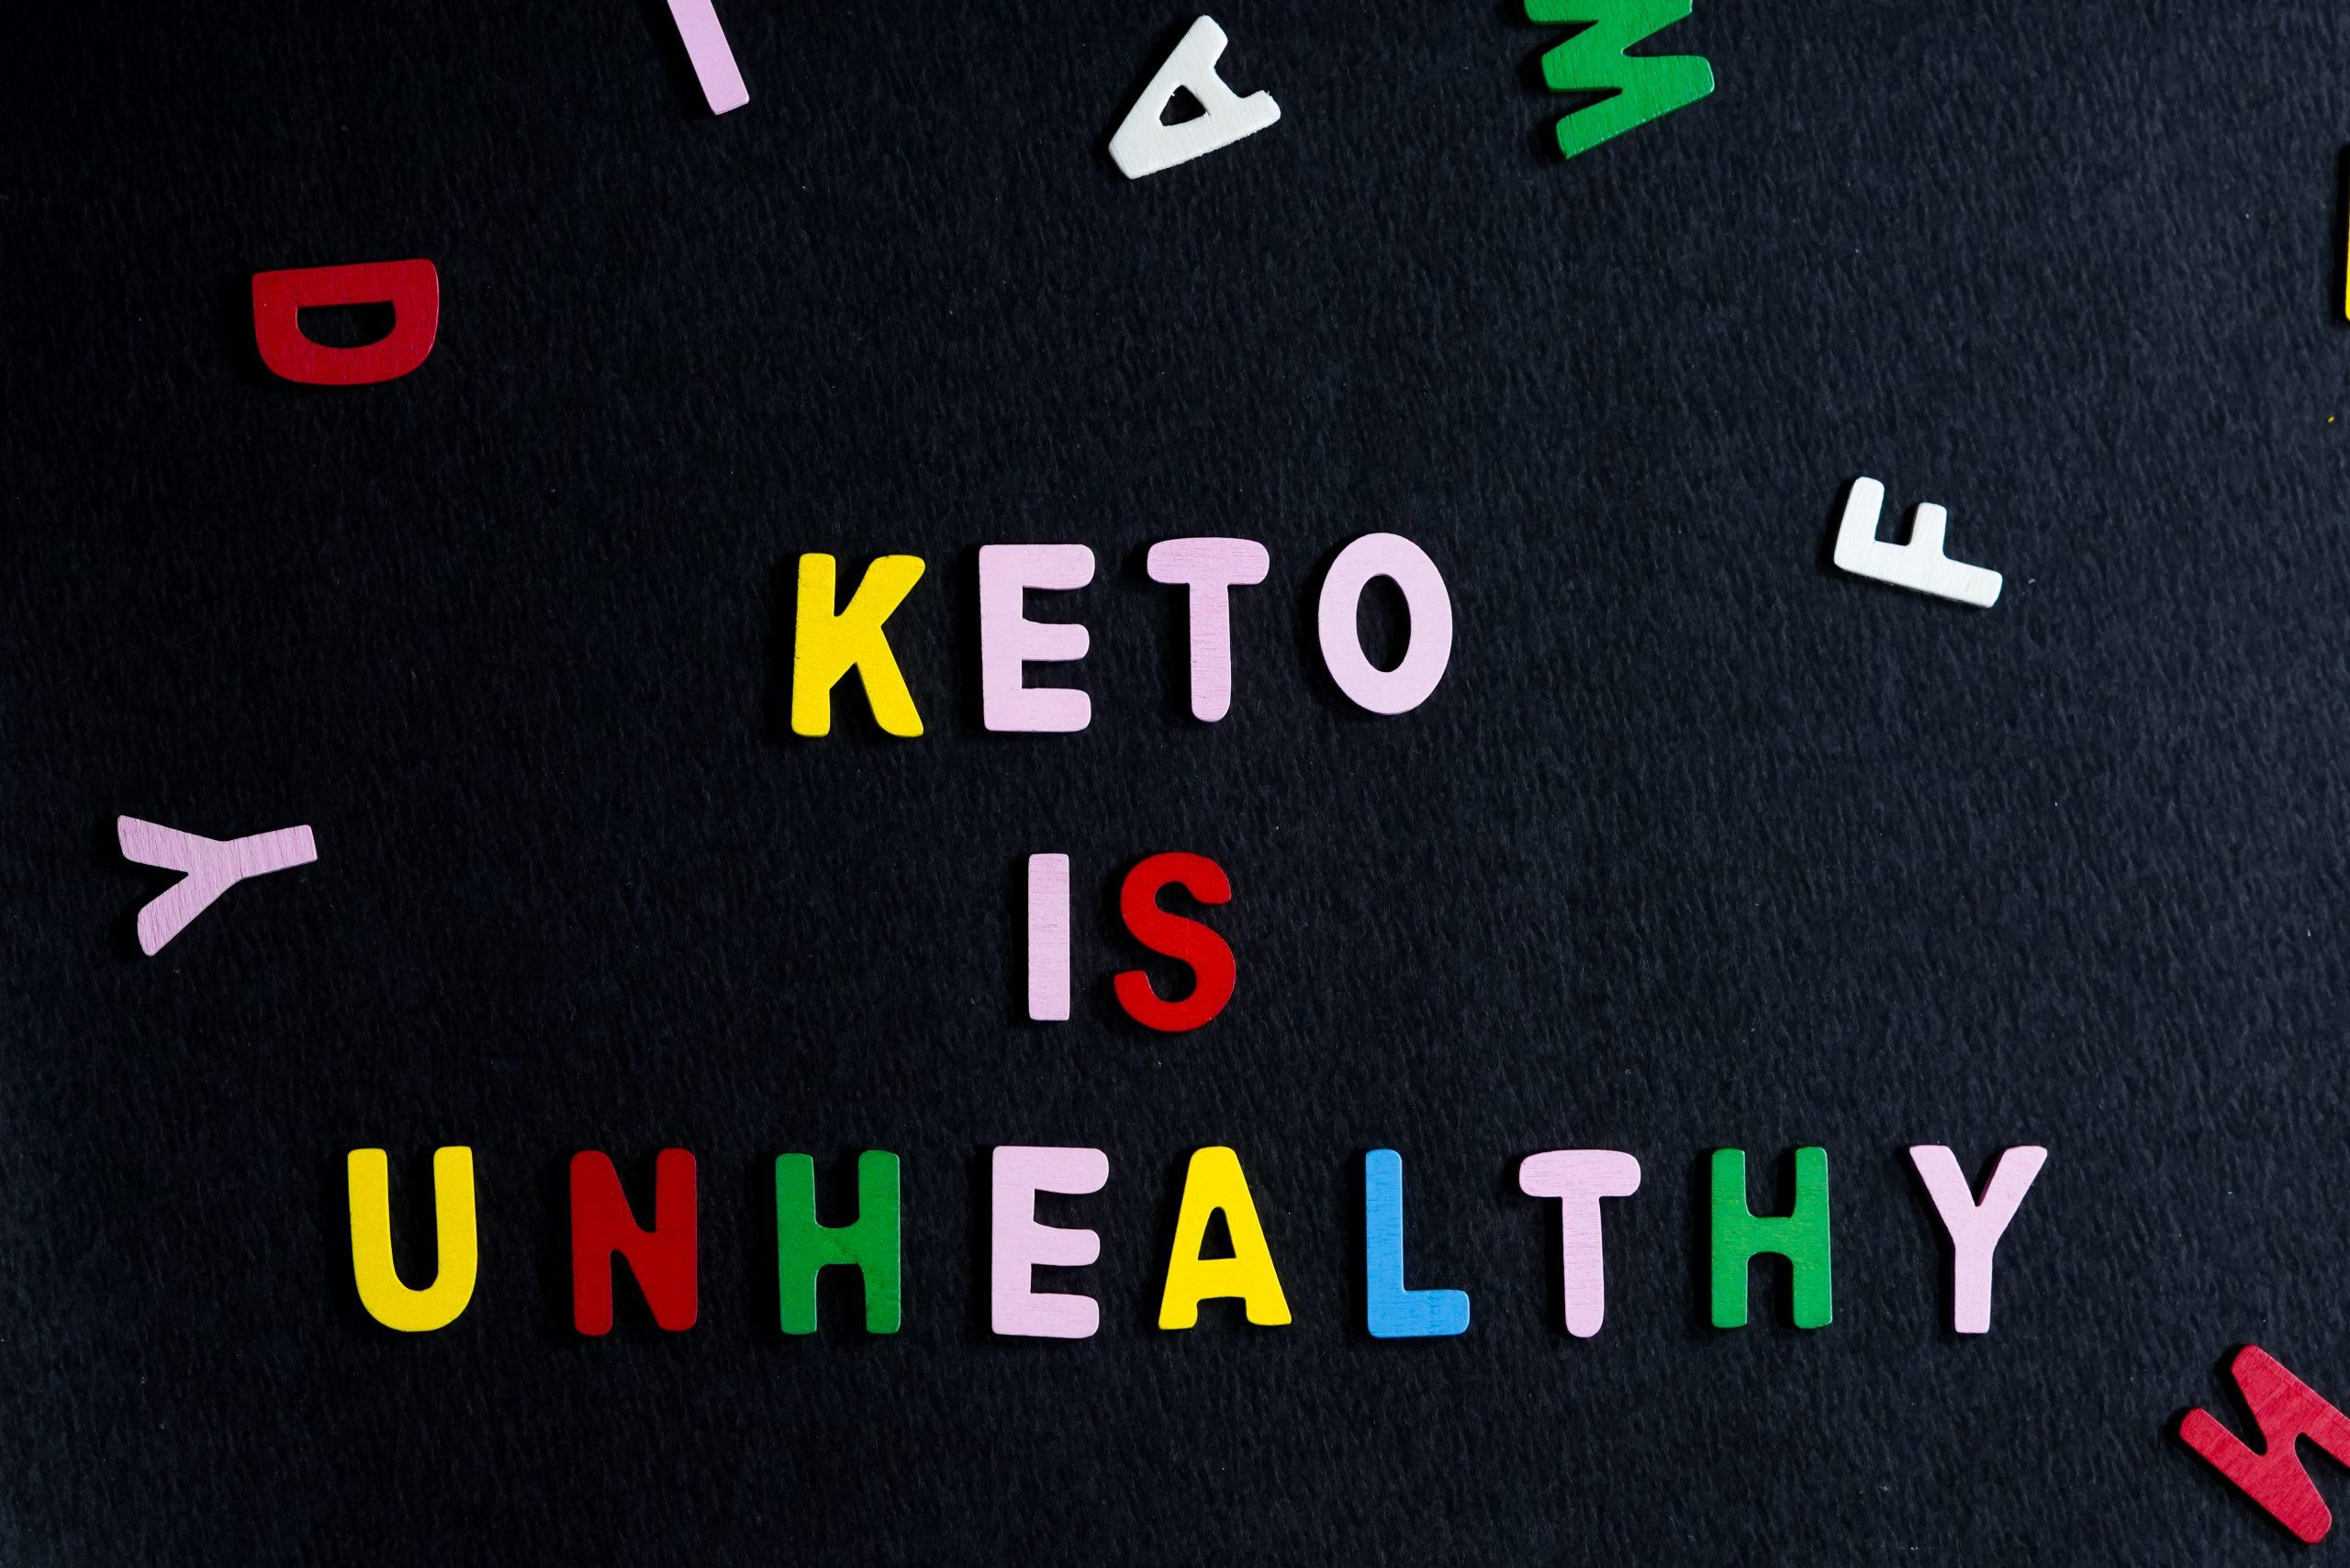 Keto is Unhealthy